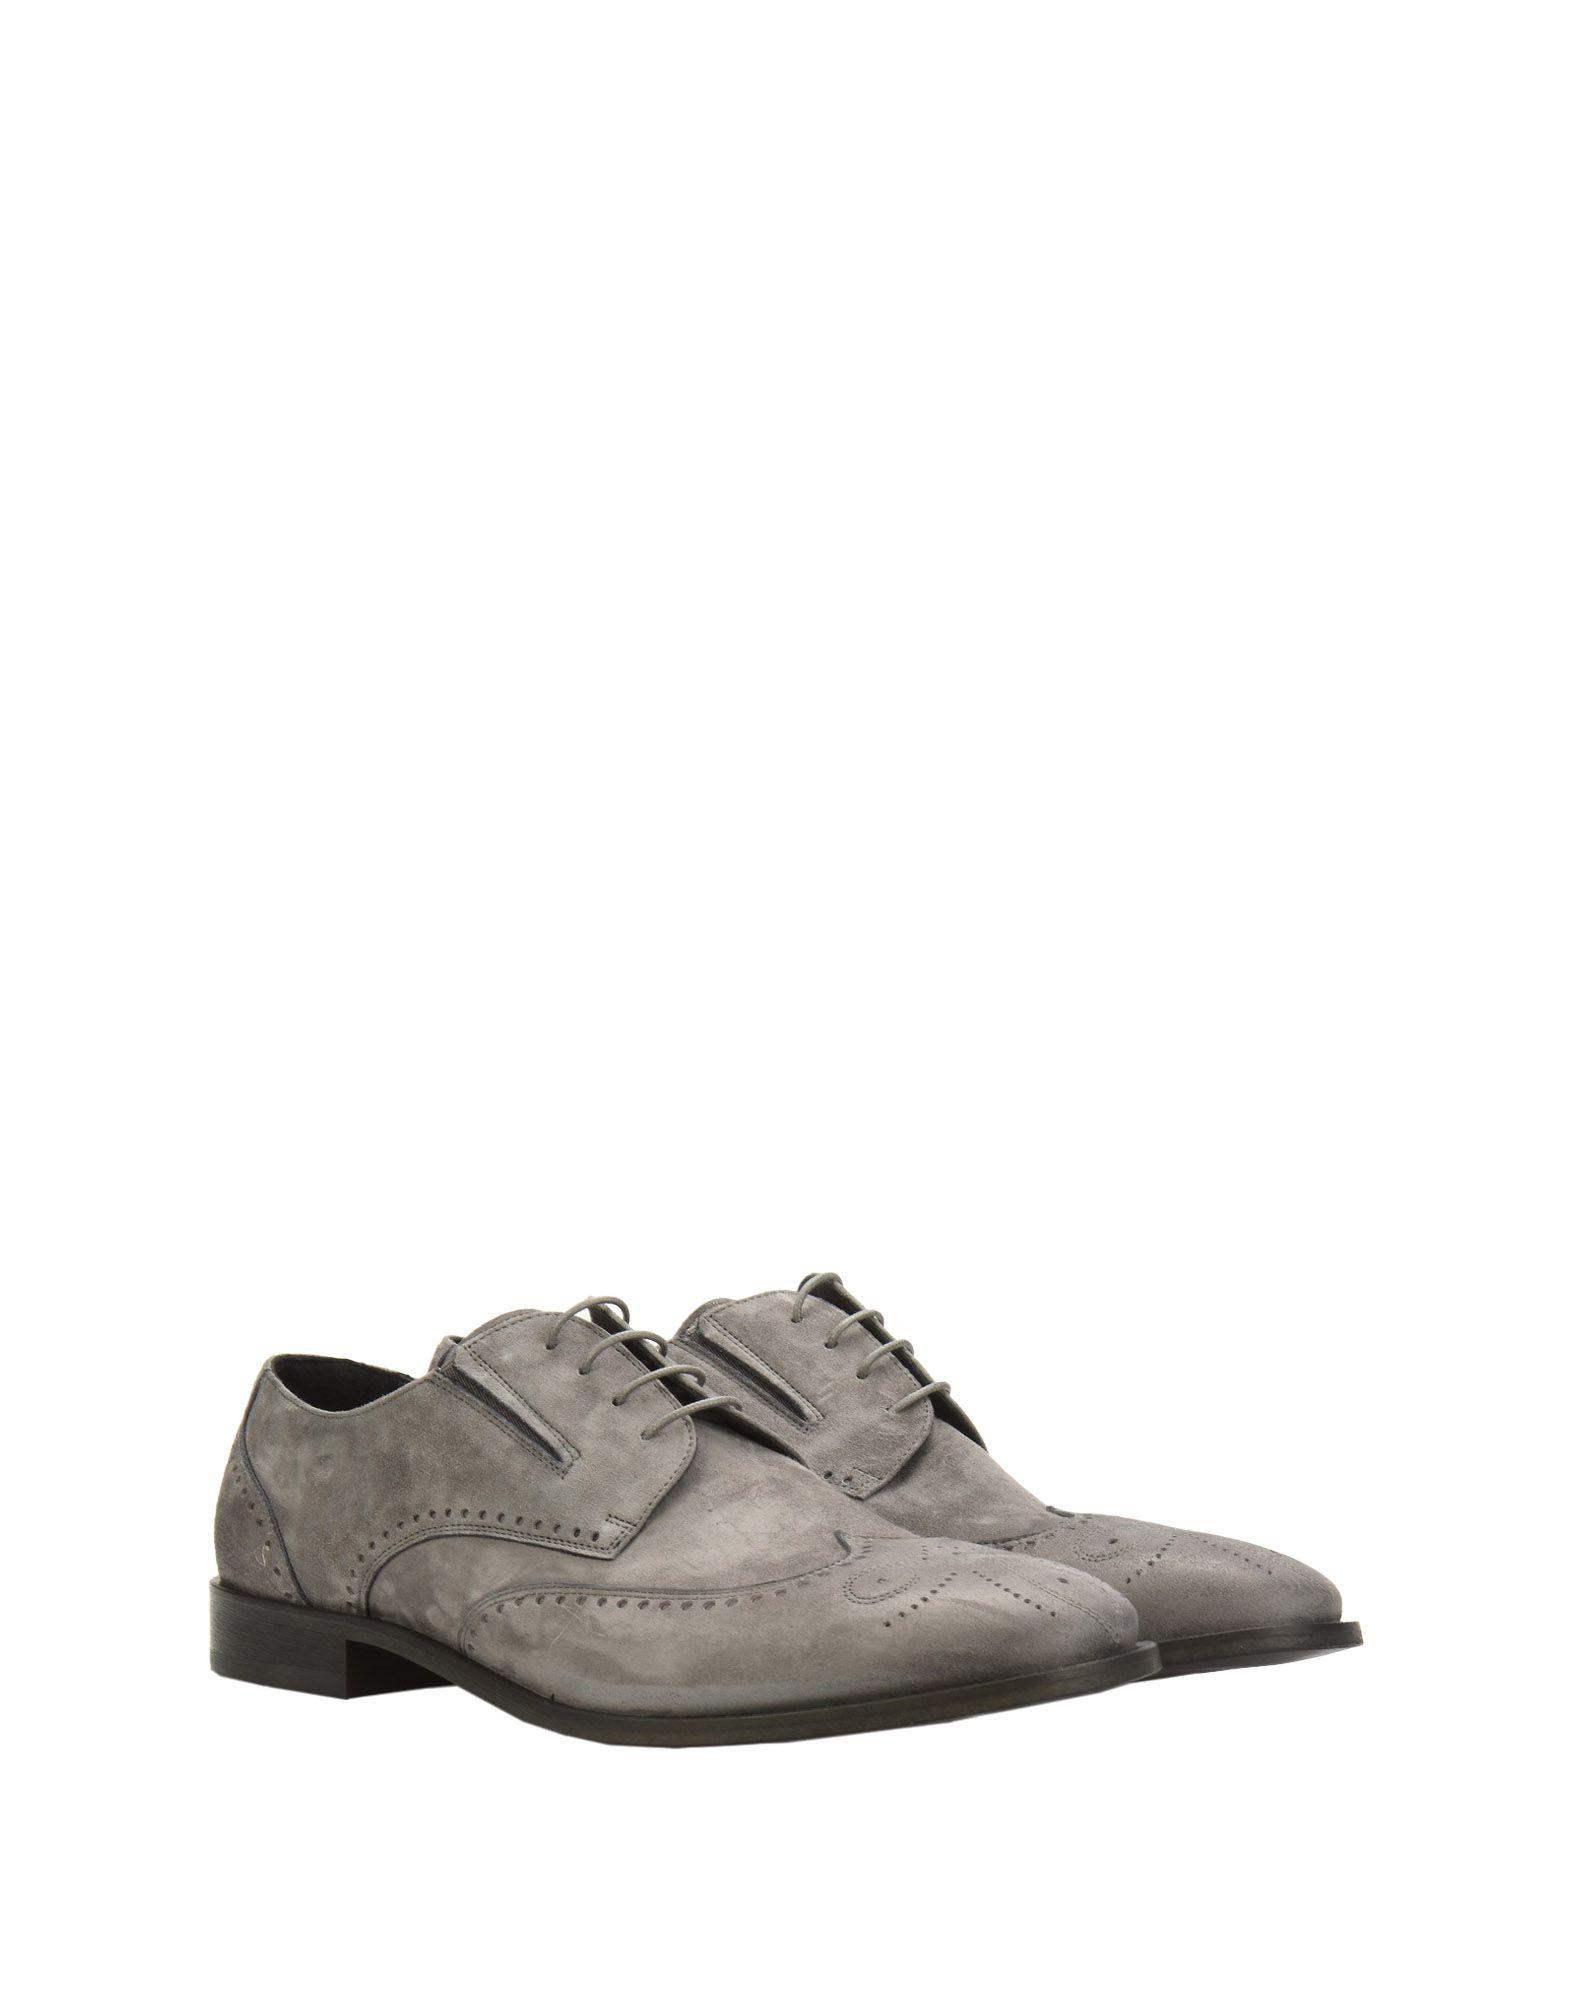 Chaussures À Lacets Maldini 618 - Homme - Chaussures À Lacets Maldini sur